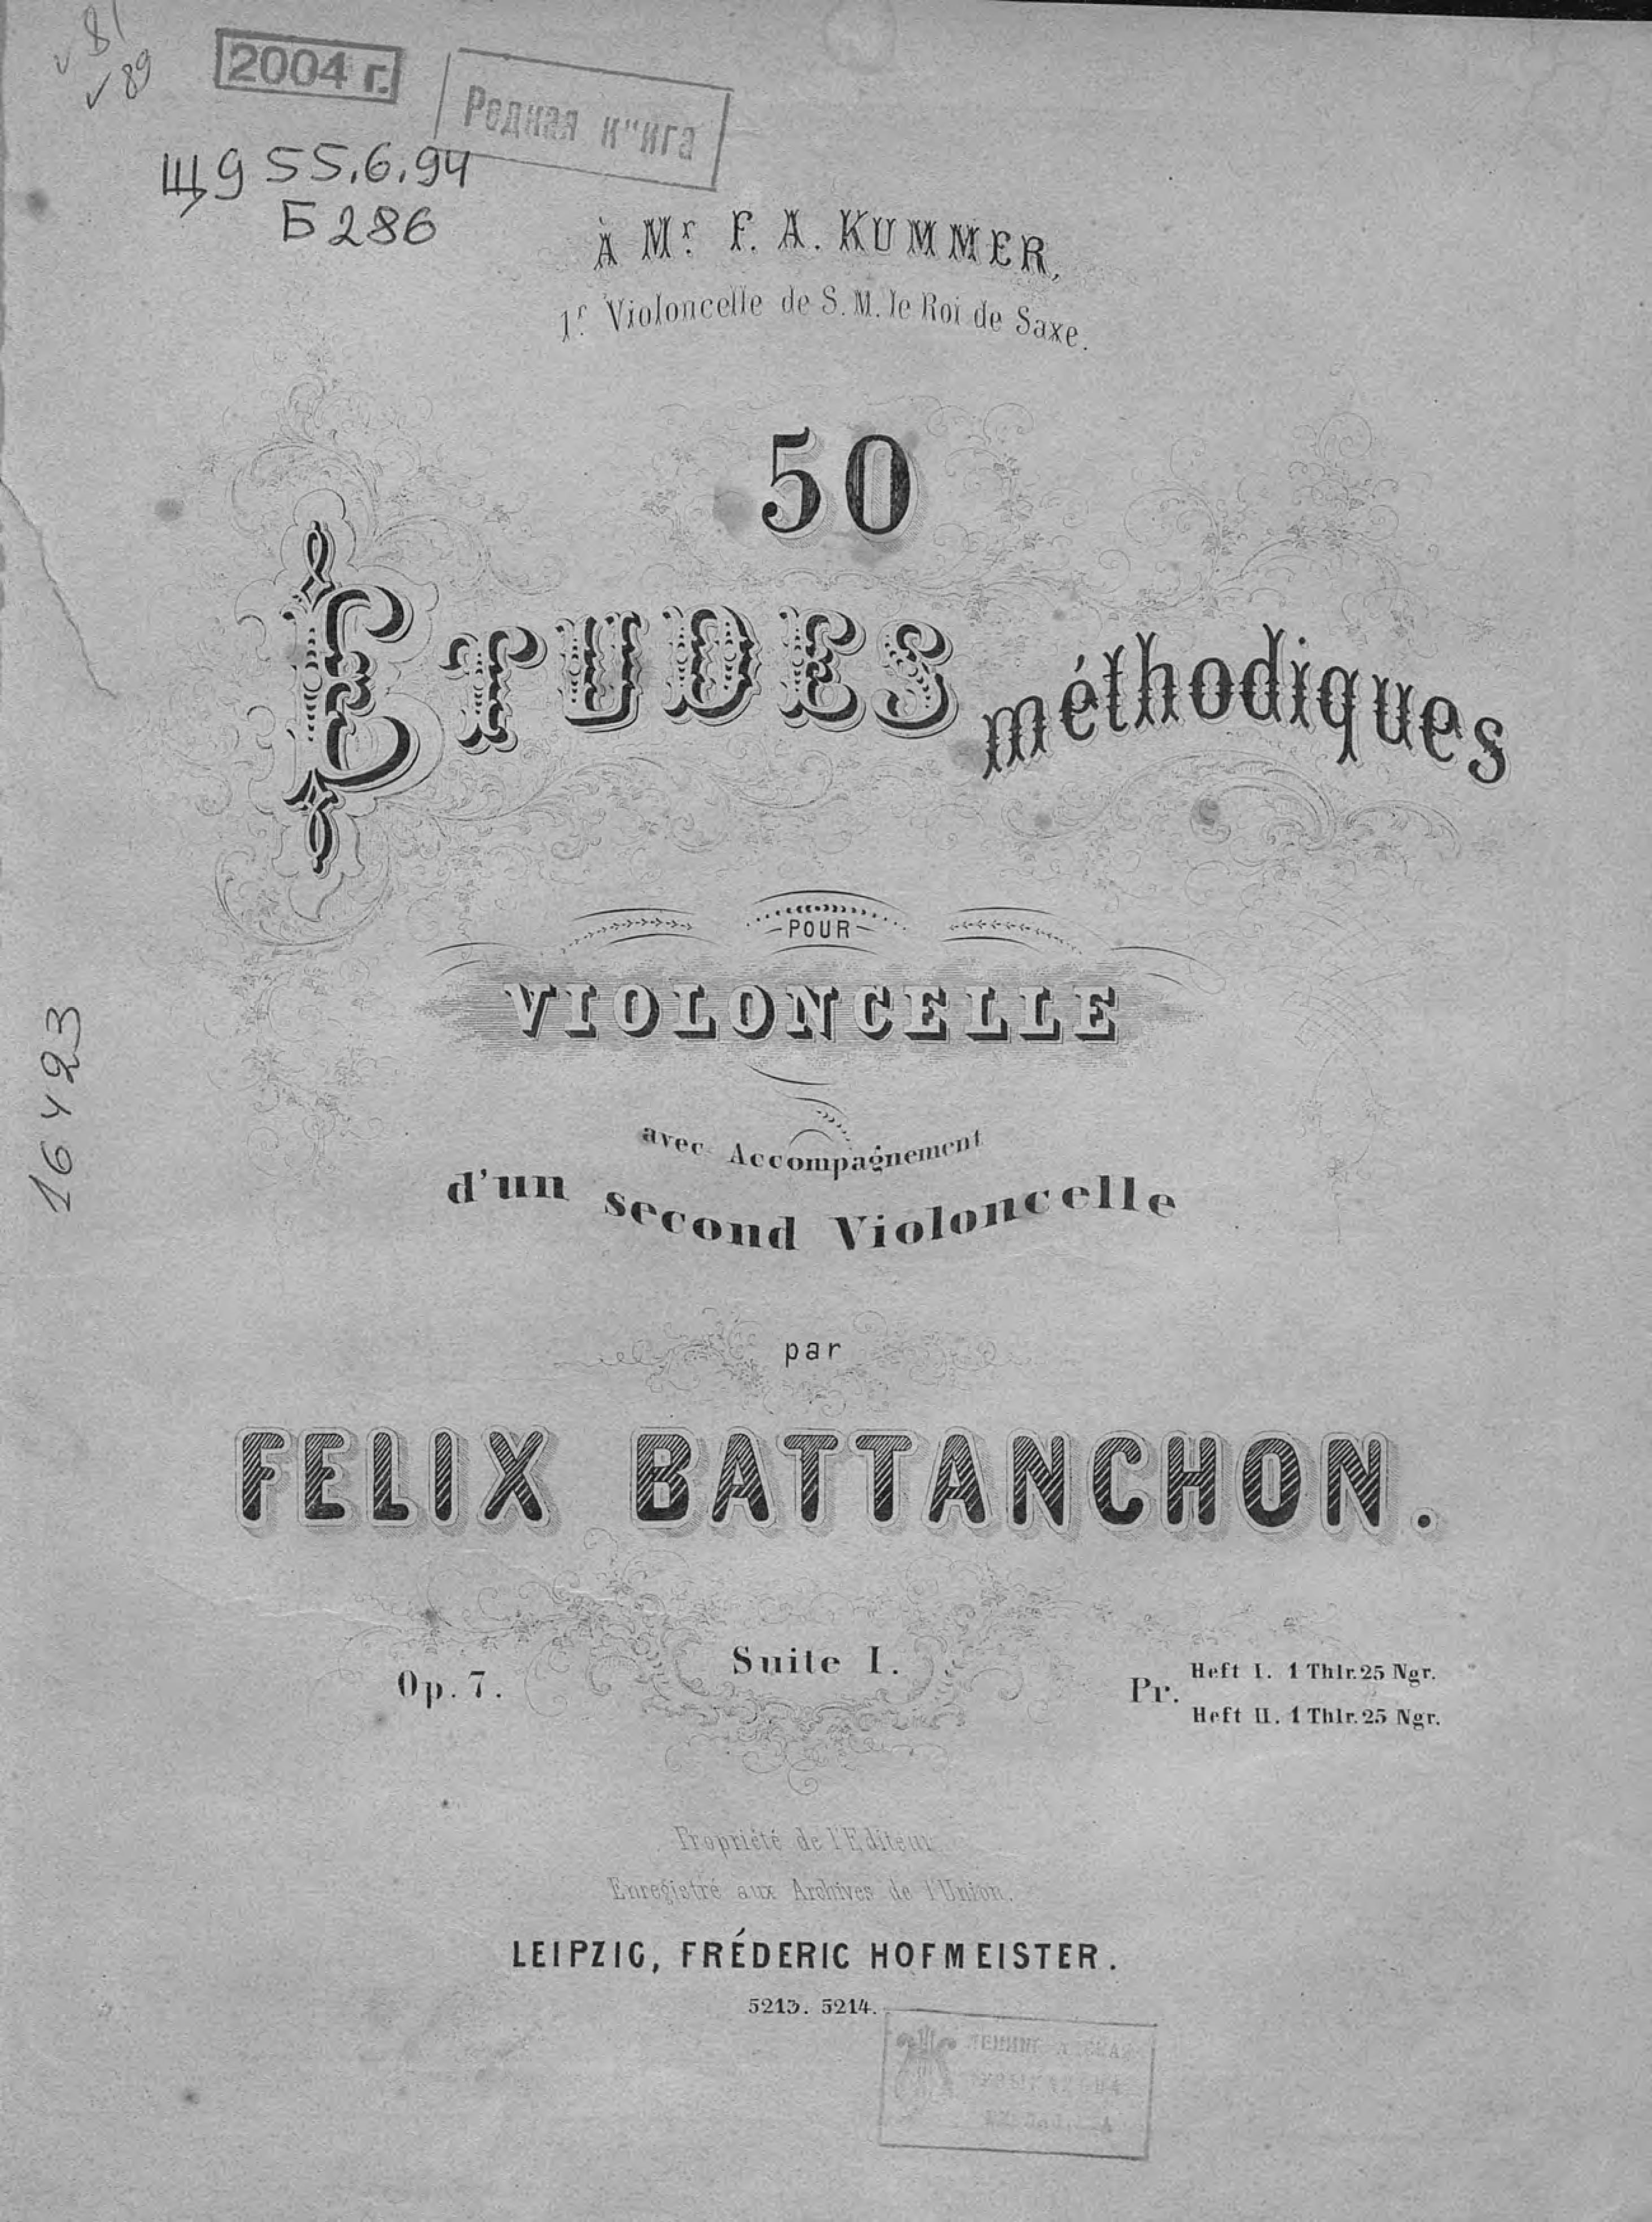 Феликс Баттаншон Etudes methodiques pour Violoncelle avec j c kessler 24 etudes